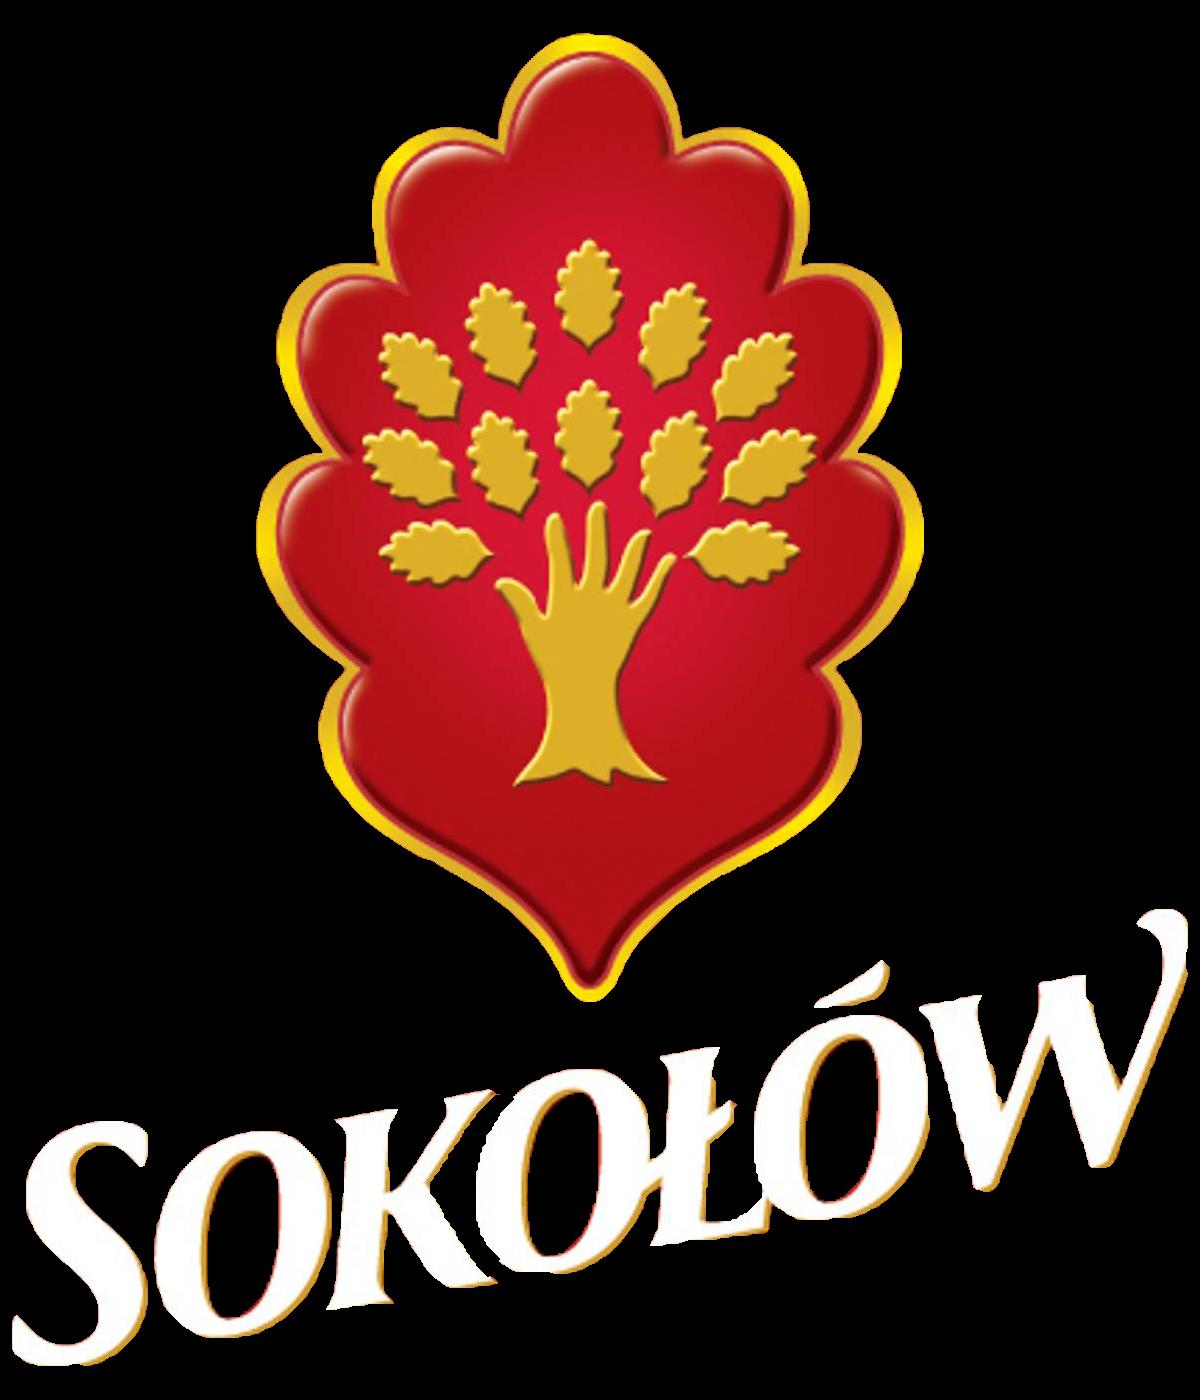 sokolow